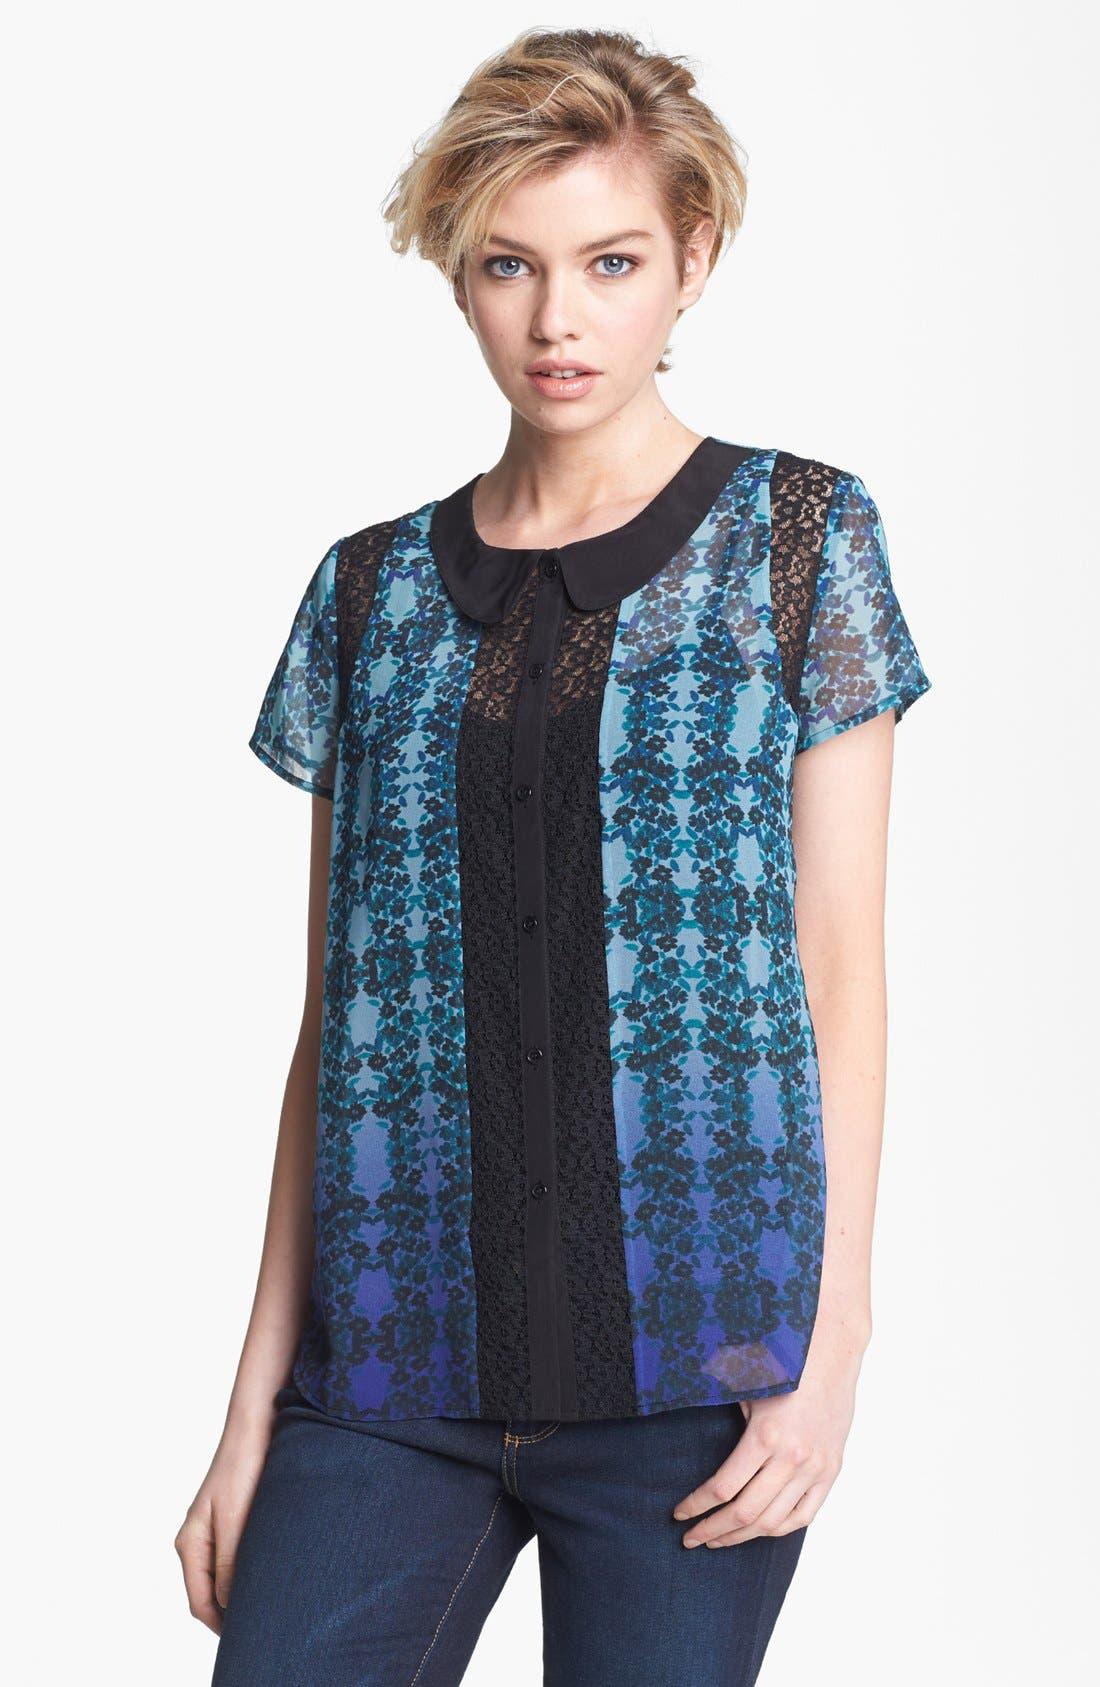 Main Image - Hinge® Print Chiffon & Lace Blouse